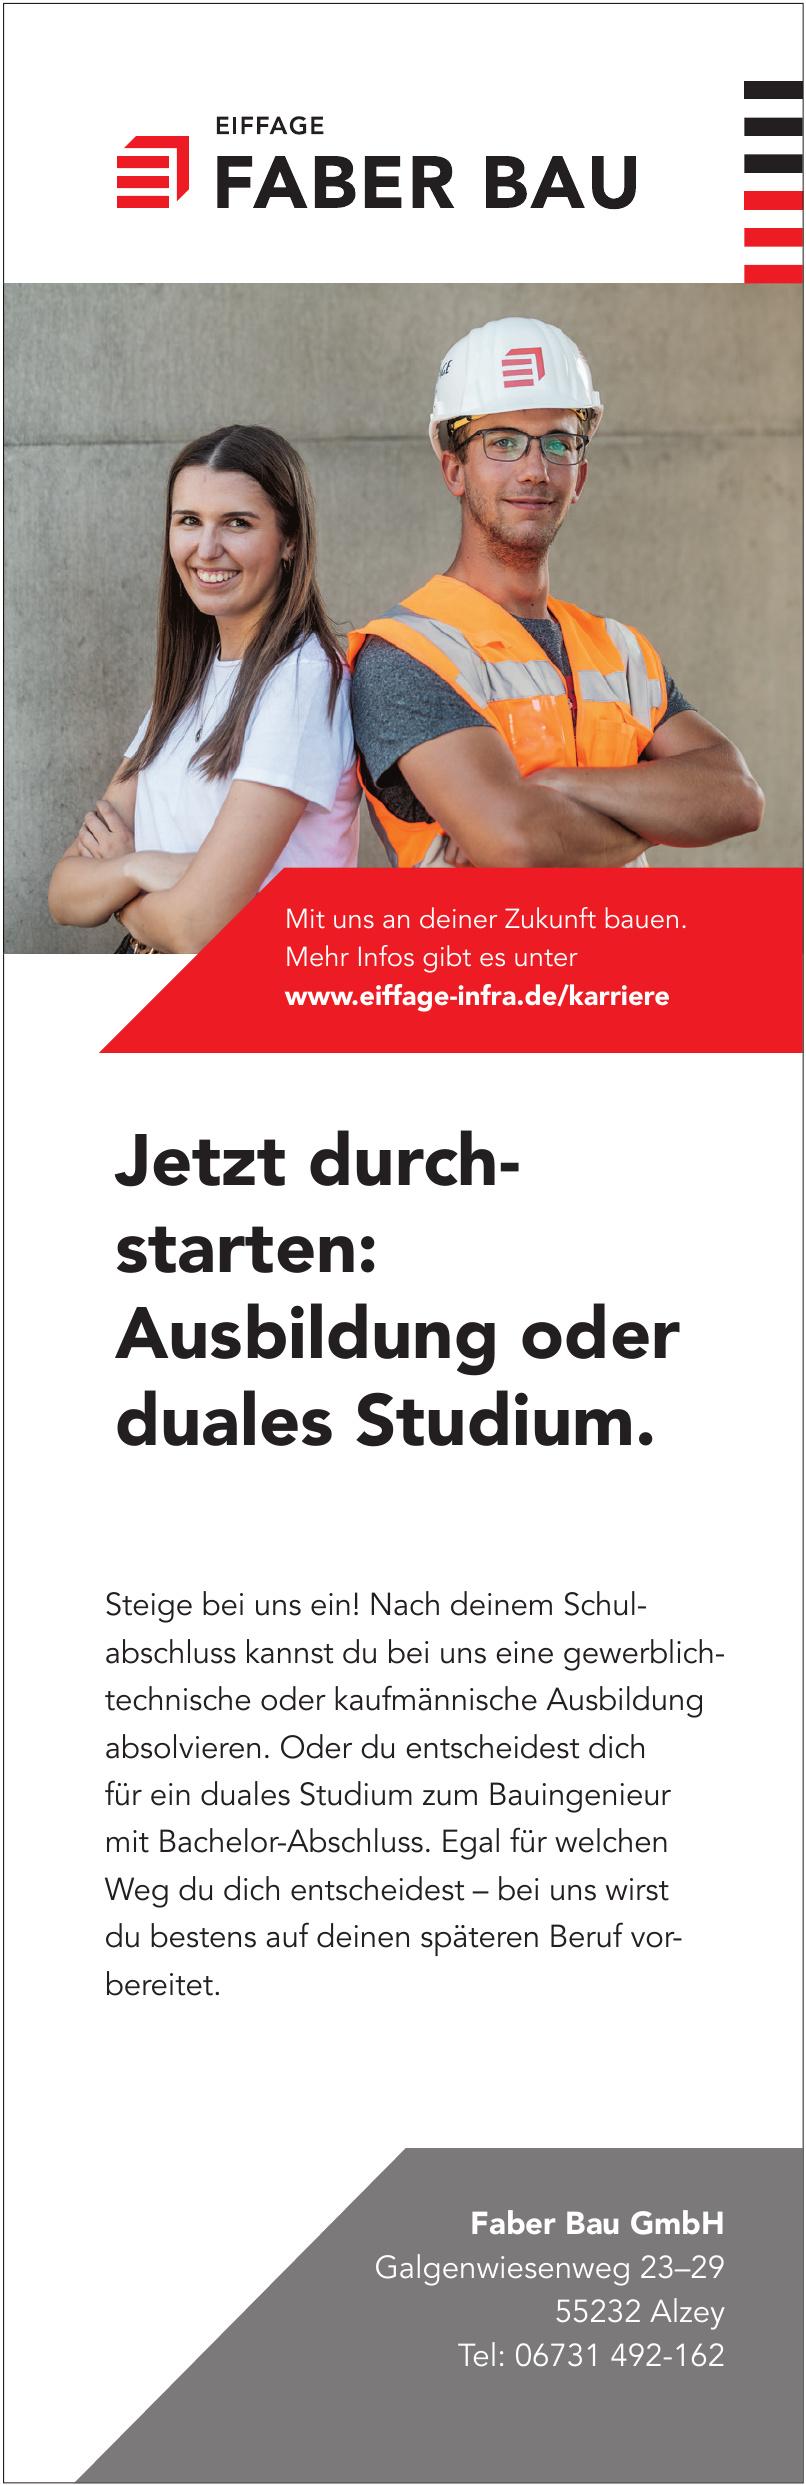 Faber Bau GmbH